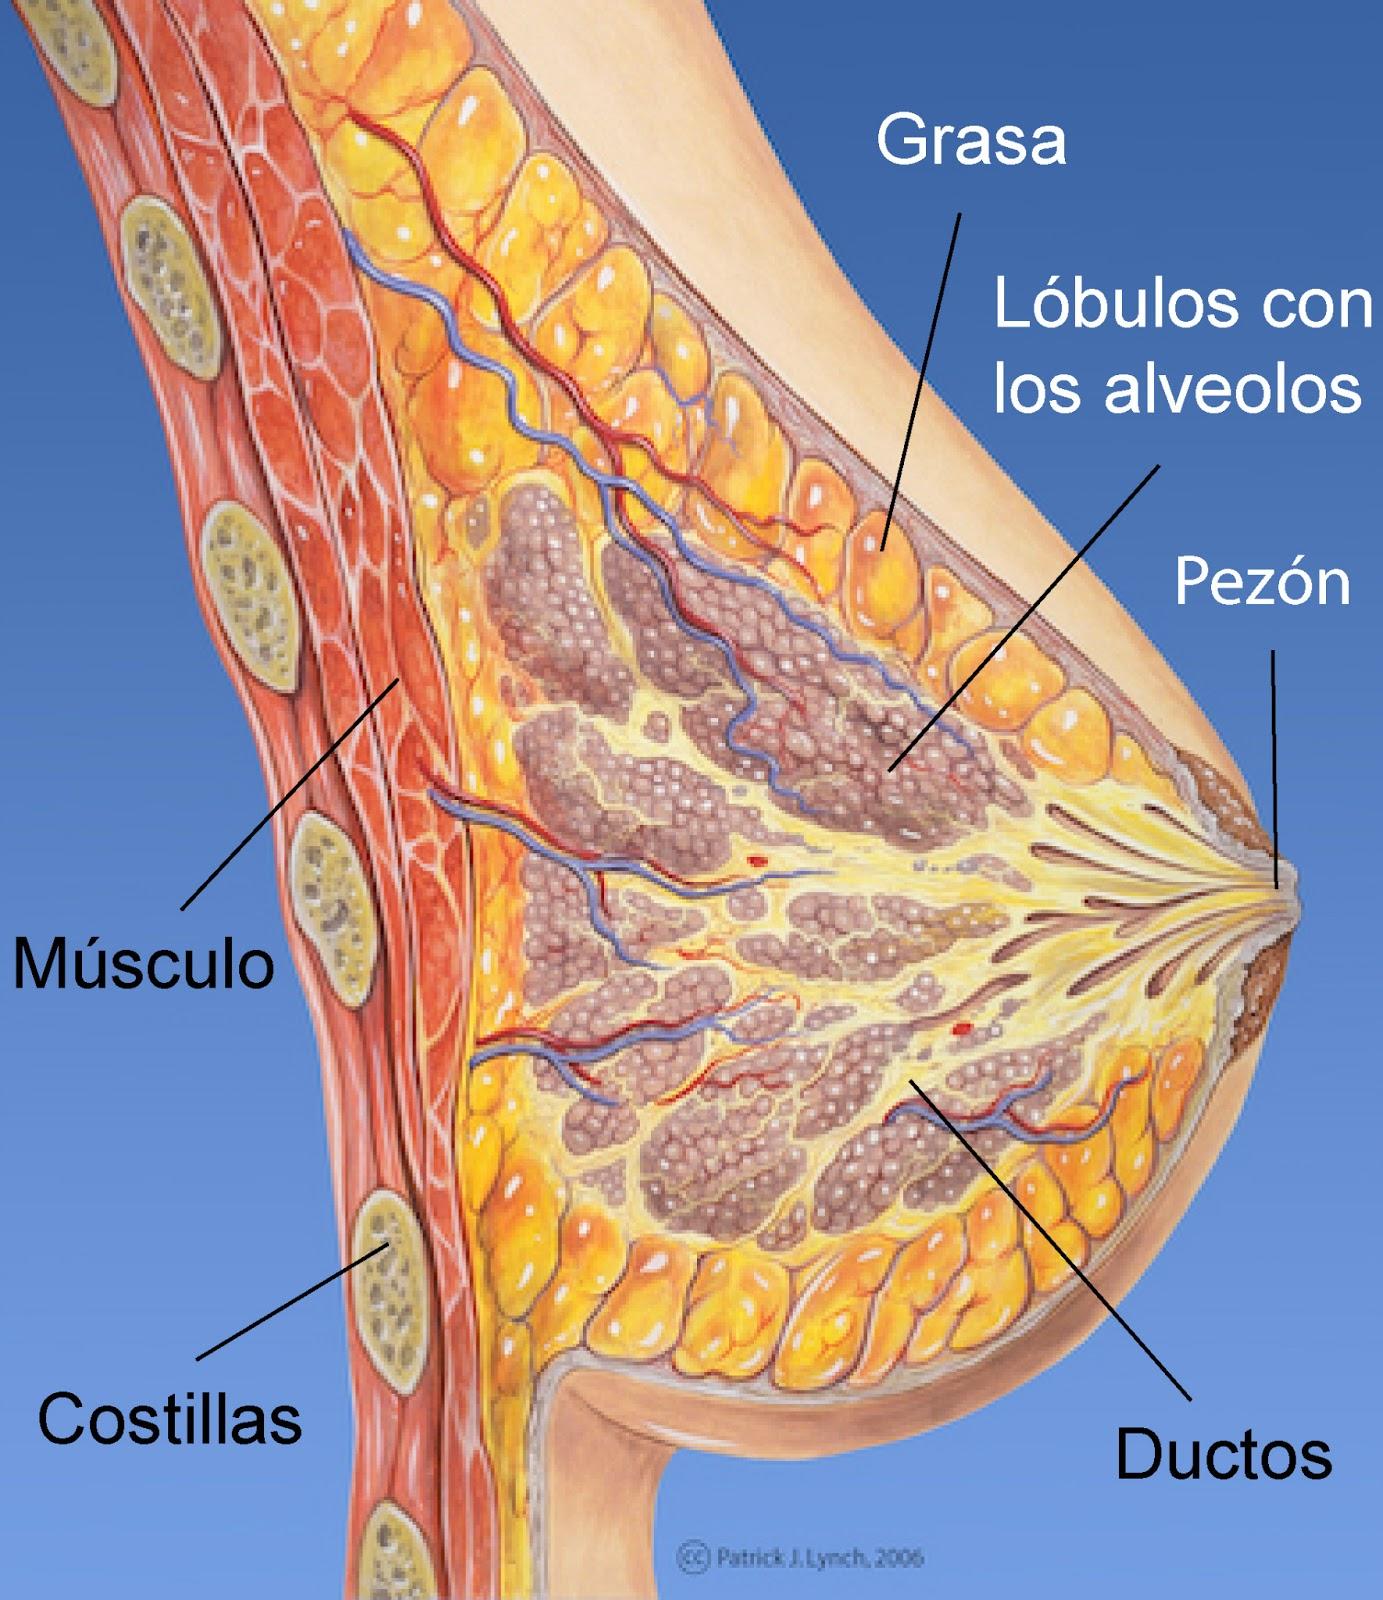 Morfología de la mama y sus partes